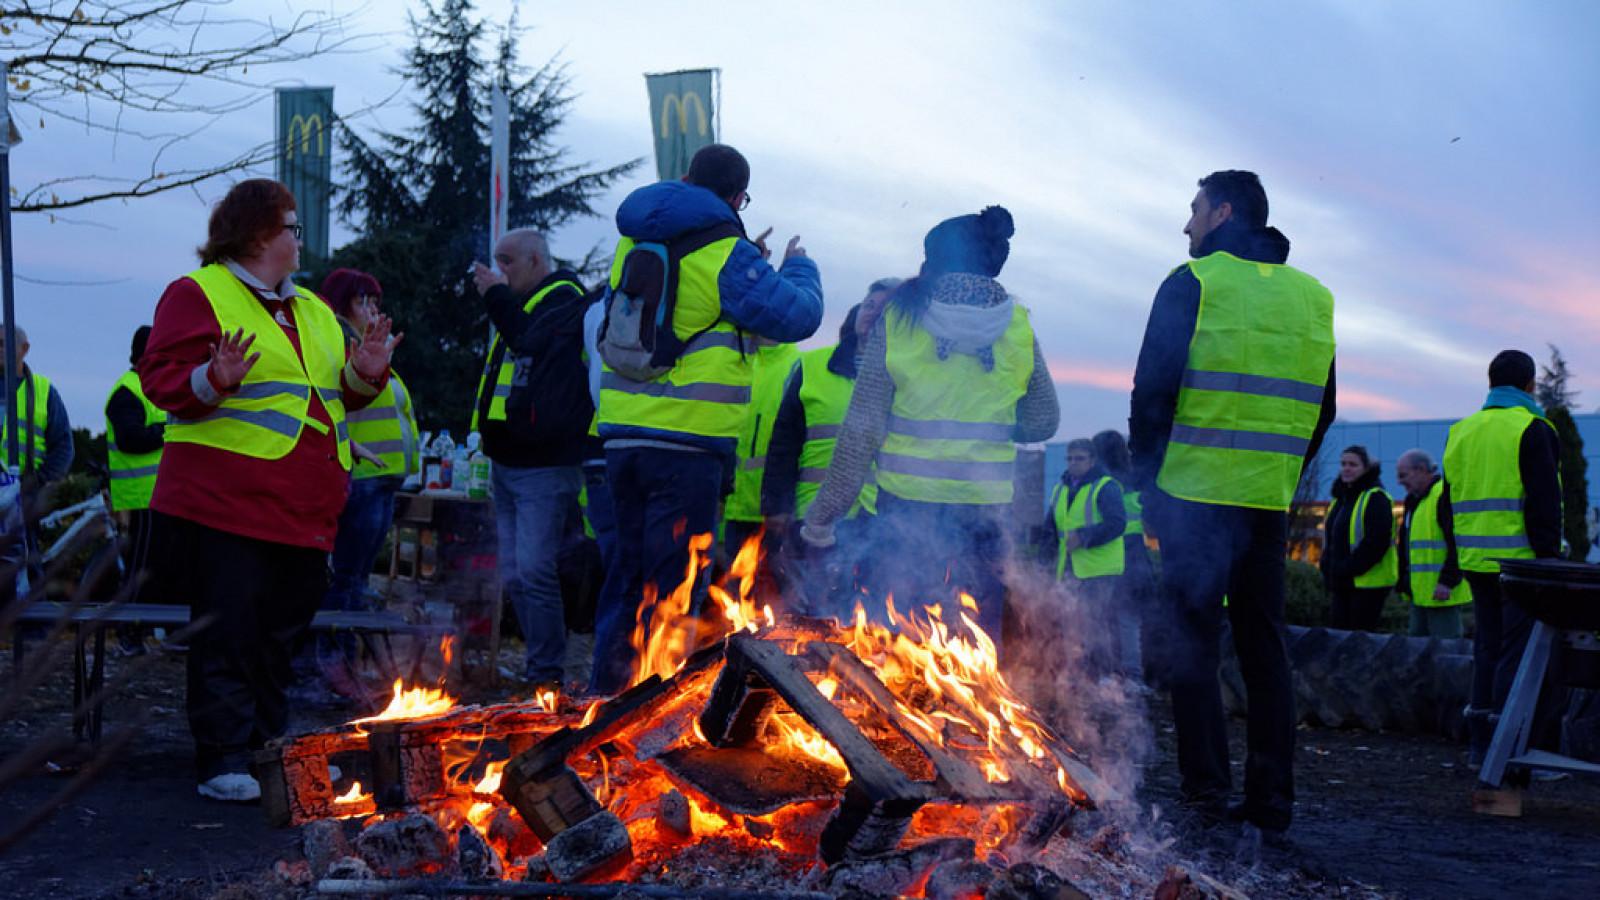 Leden van de gele hesjes-beweging bij een actie in Frankrijk | Flickr.com / Thomas Bresson